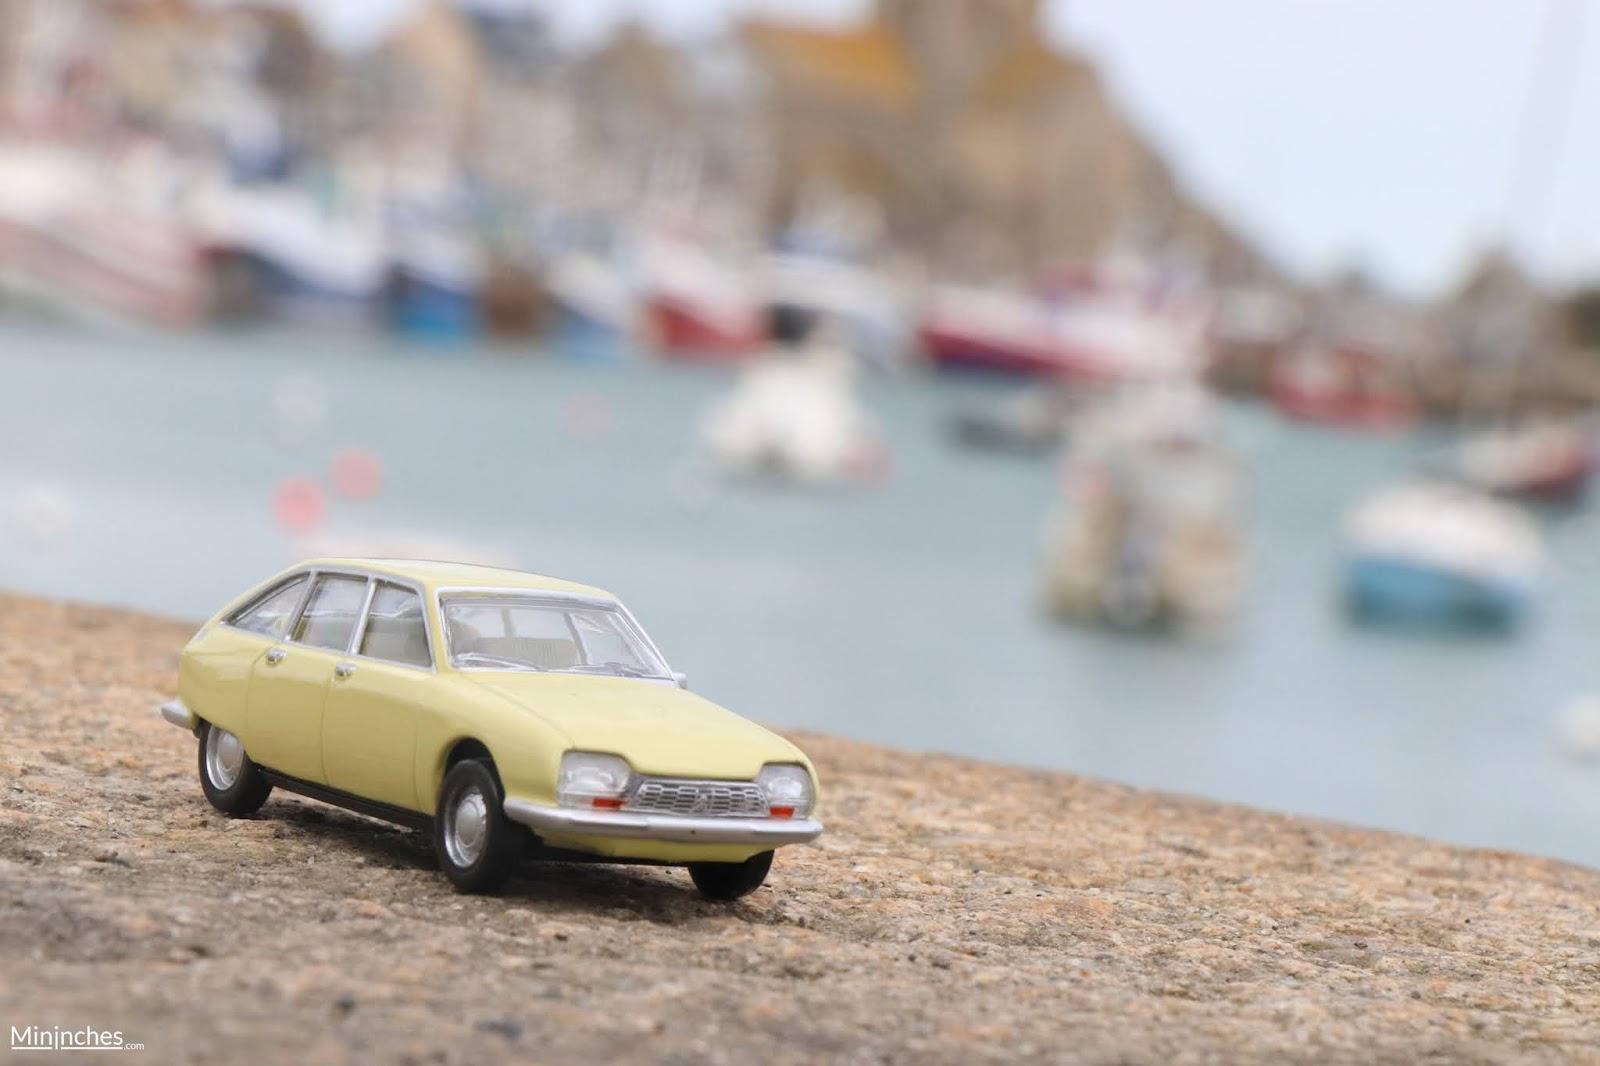 jaune Primevère Norev 310915 Citroën GS 1:65